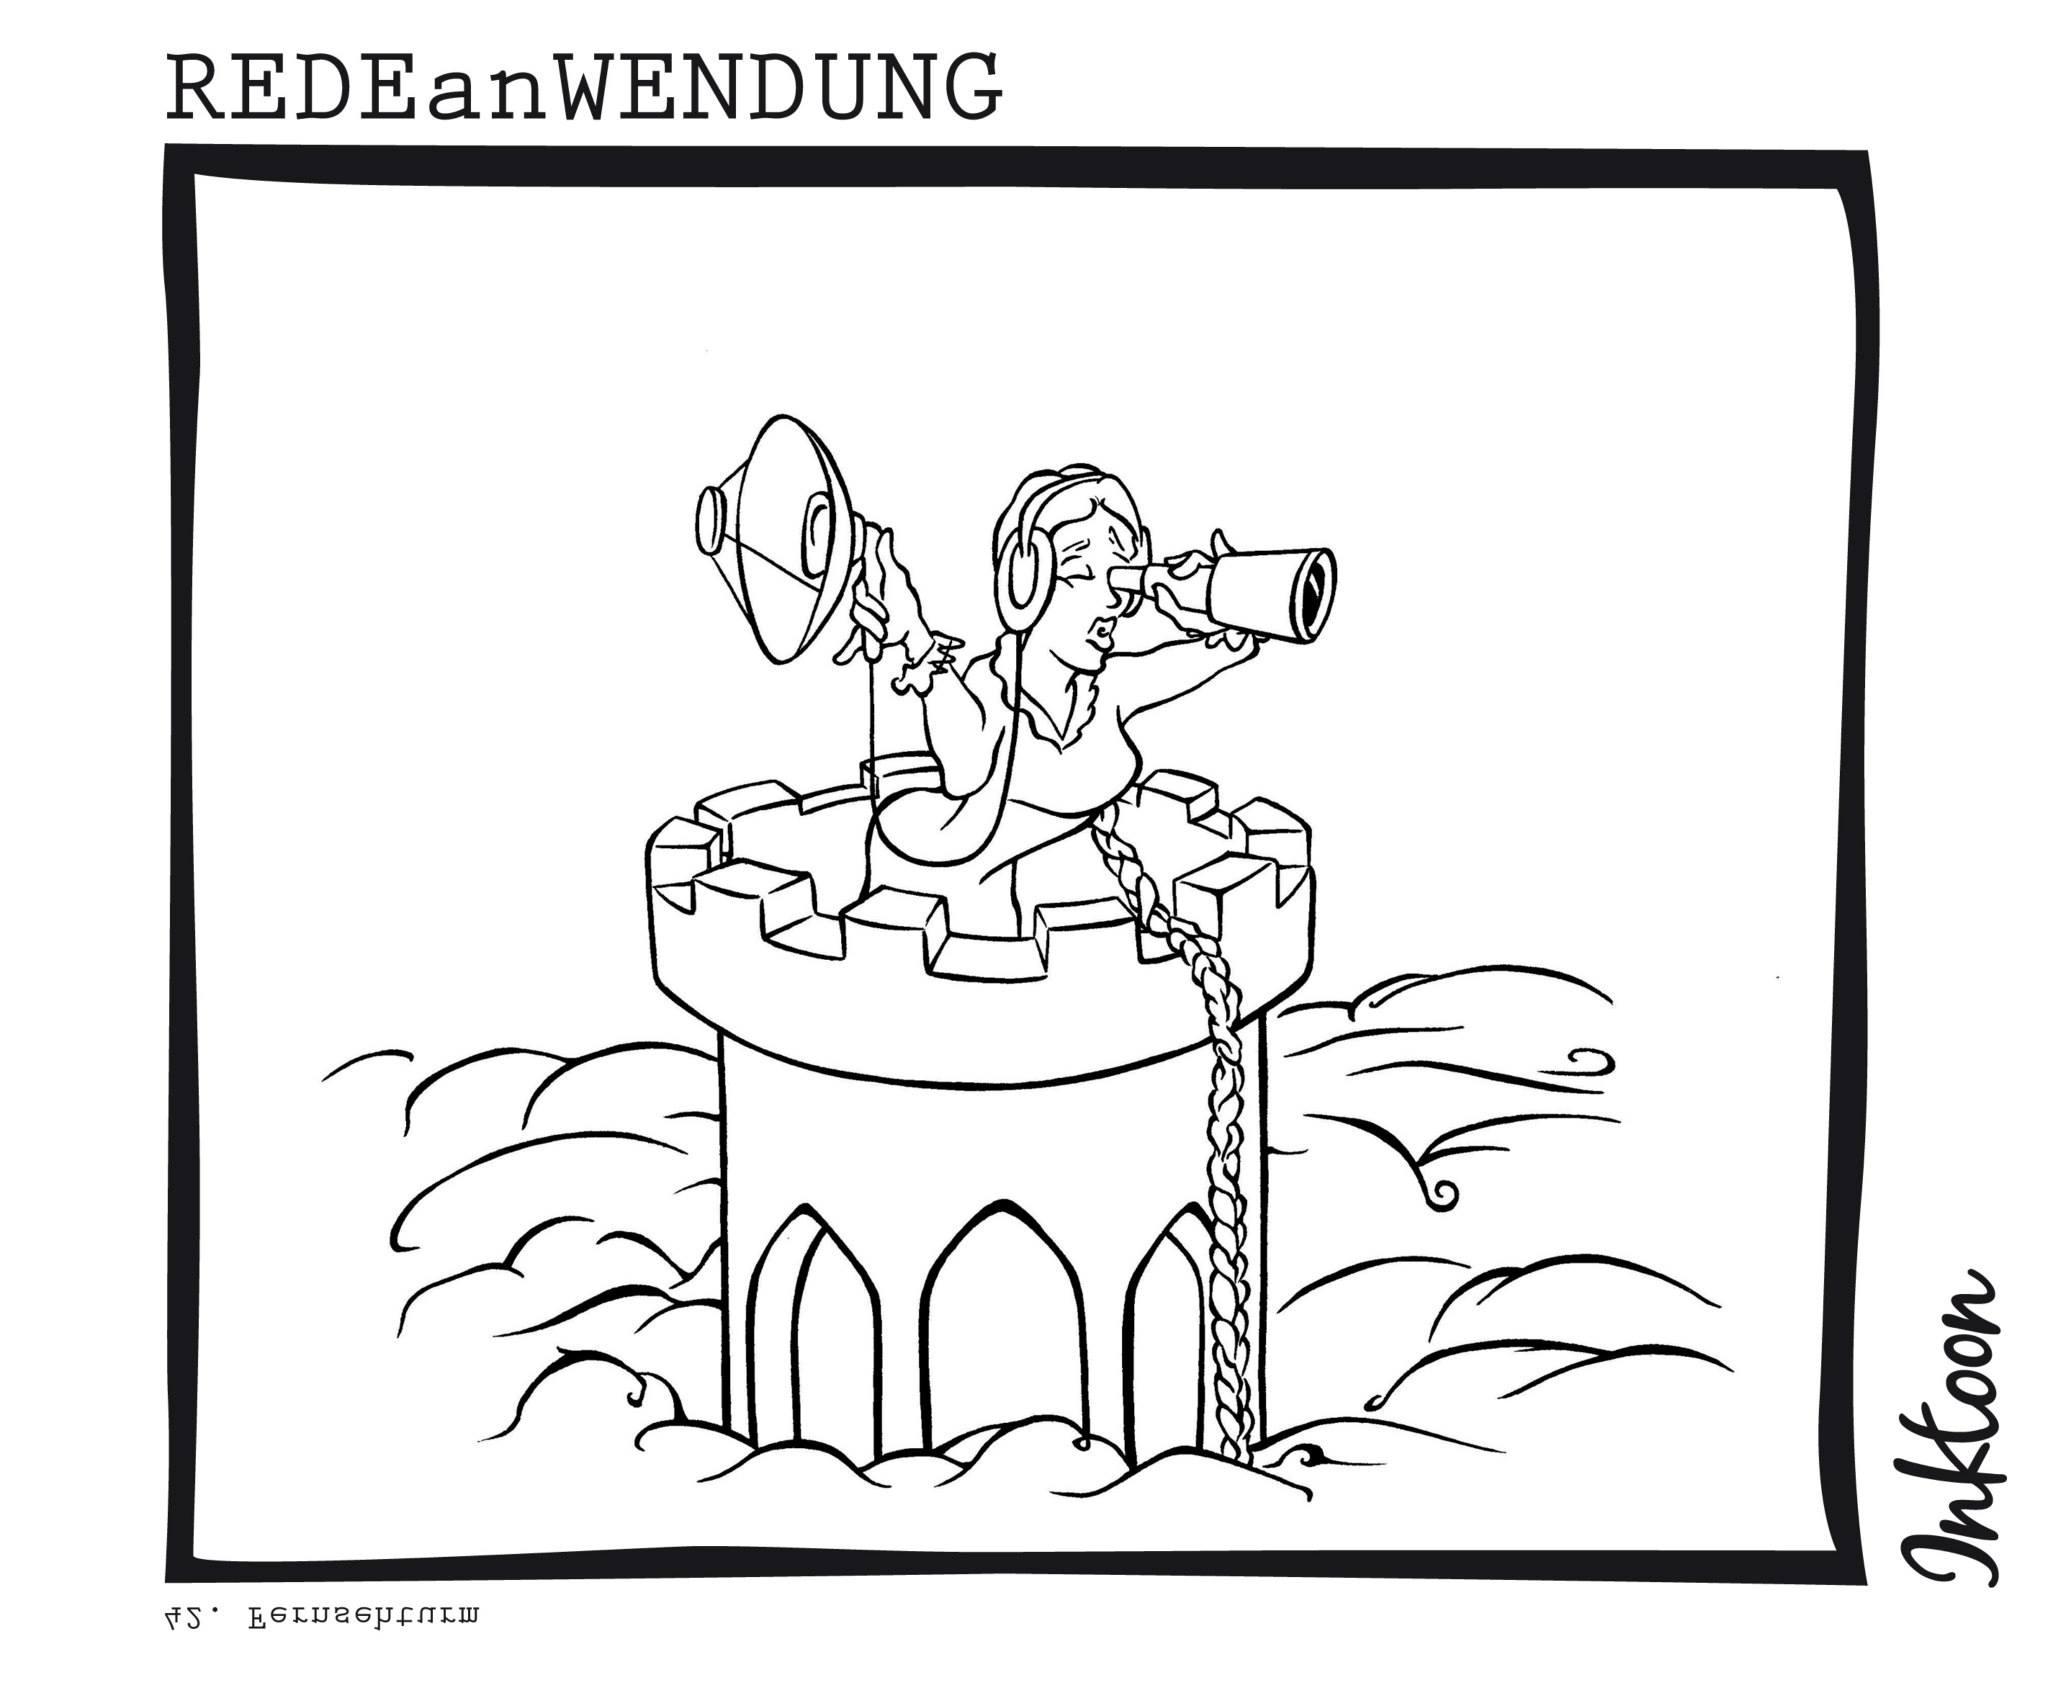 Fernsehturm Wahrzeichen Signalanlage Aussicht plattform Redewendung Redeanwendung Bilderrätsel toon inktoon Illustration Grafik Sprichwort Bild